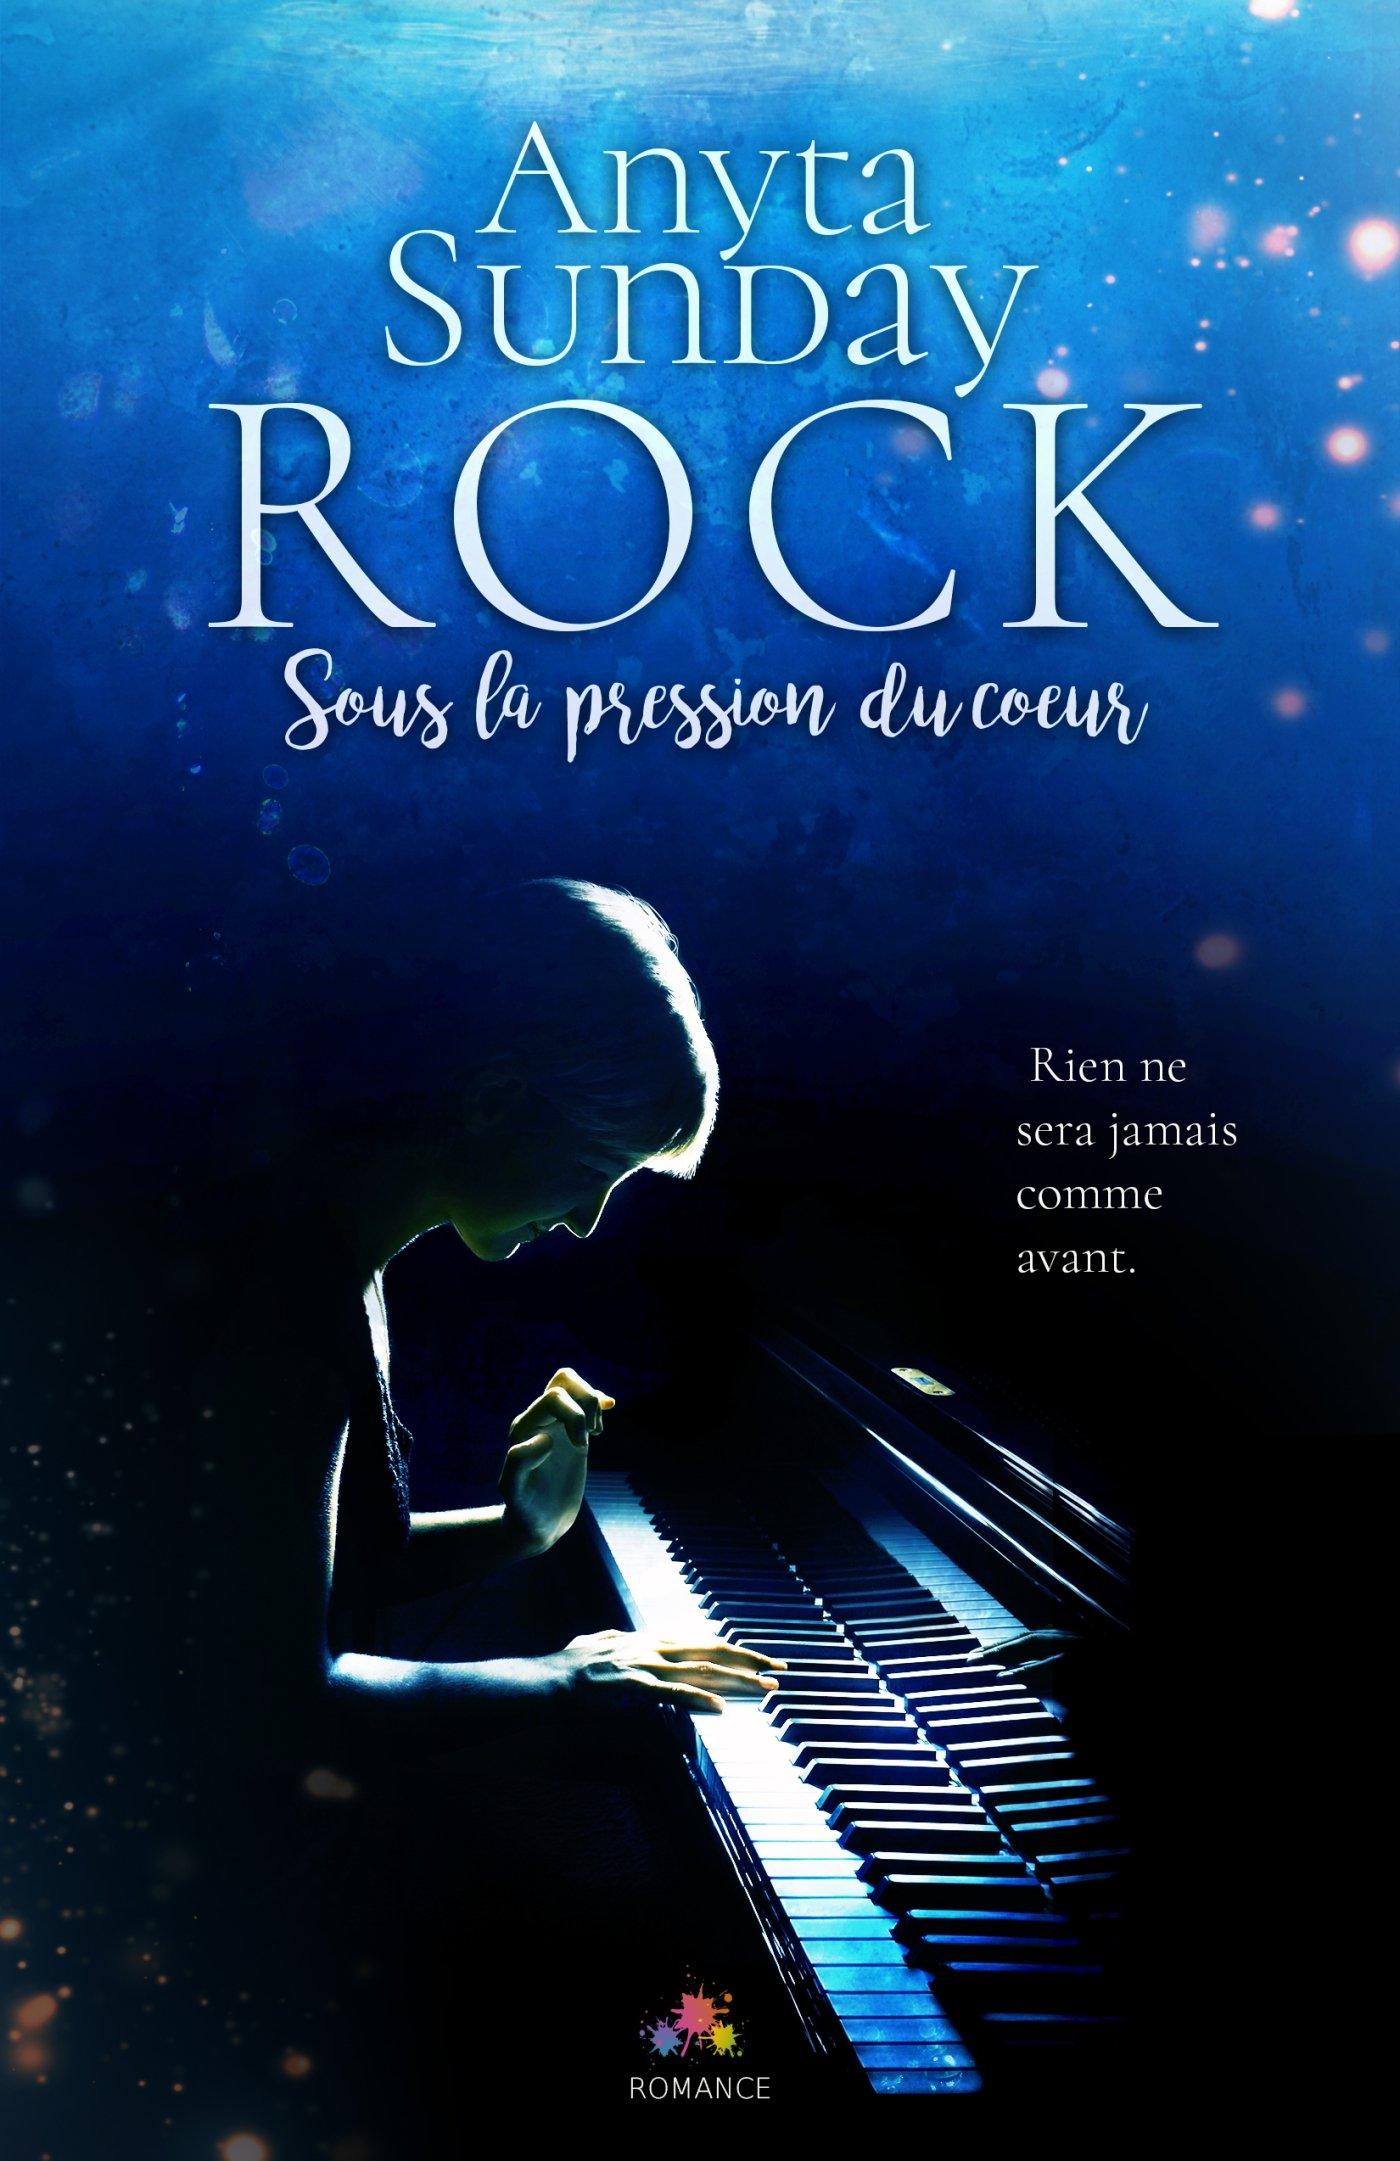 Résultats de recherche d'images pour «rock anyta sunday français»